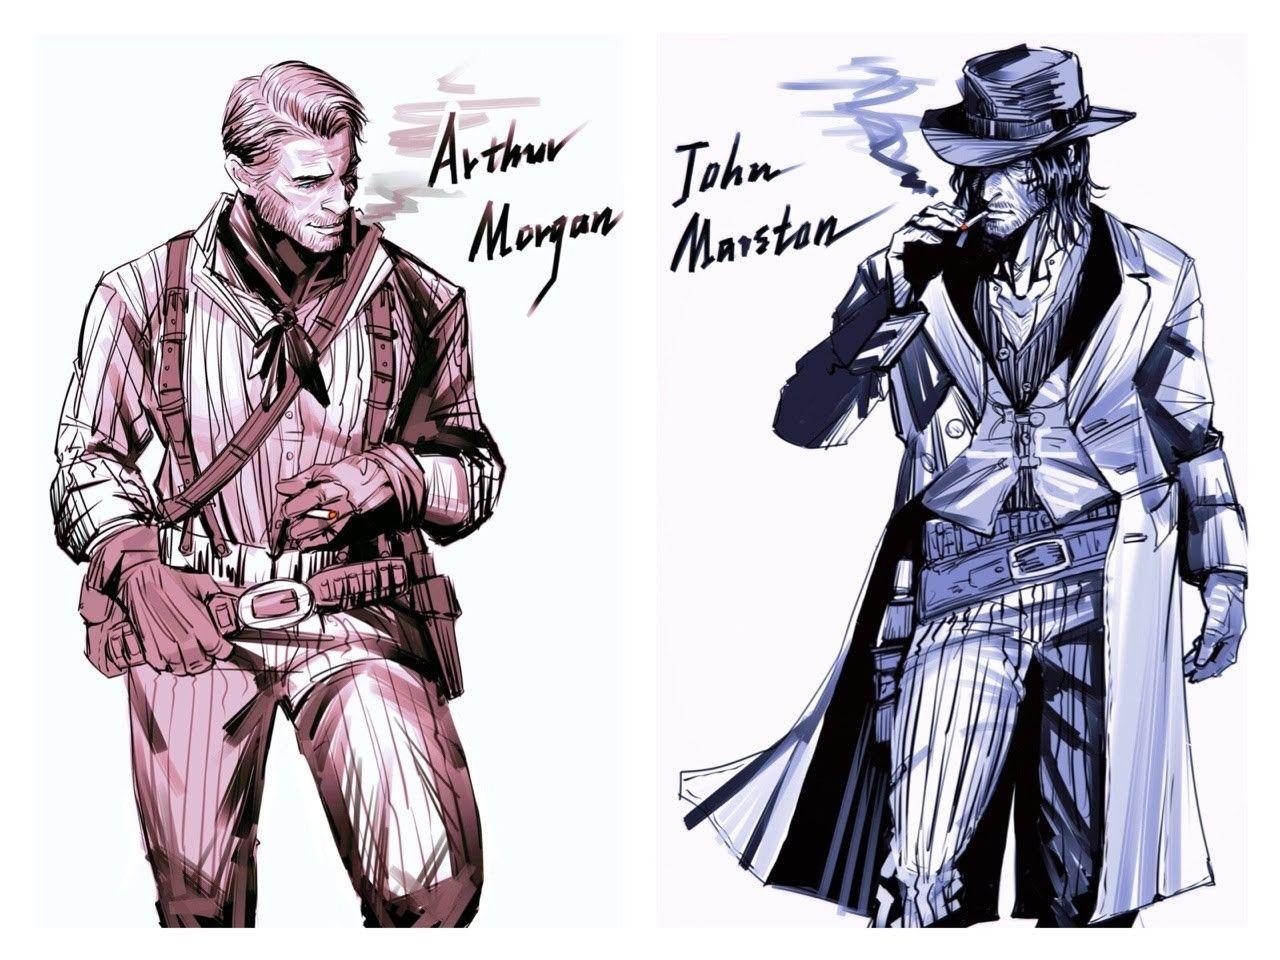 Arthur Morgan And John Marston Red Dead Redemption Artwork Red Dead Redemption Art Red Dead Redemption Ii